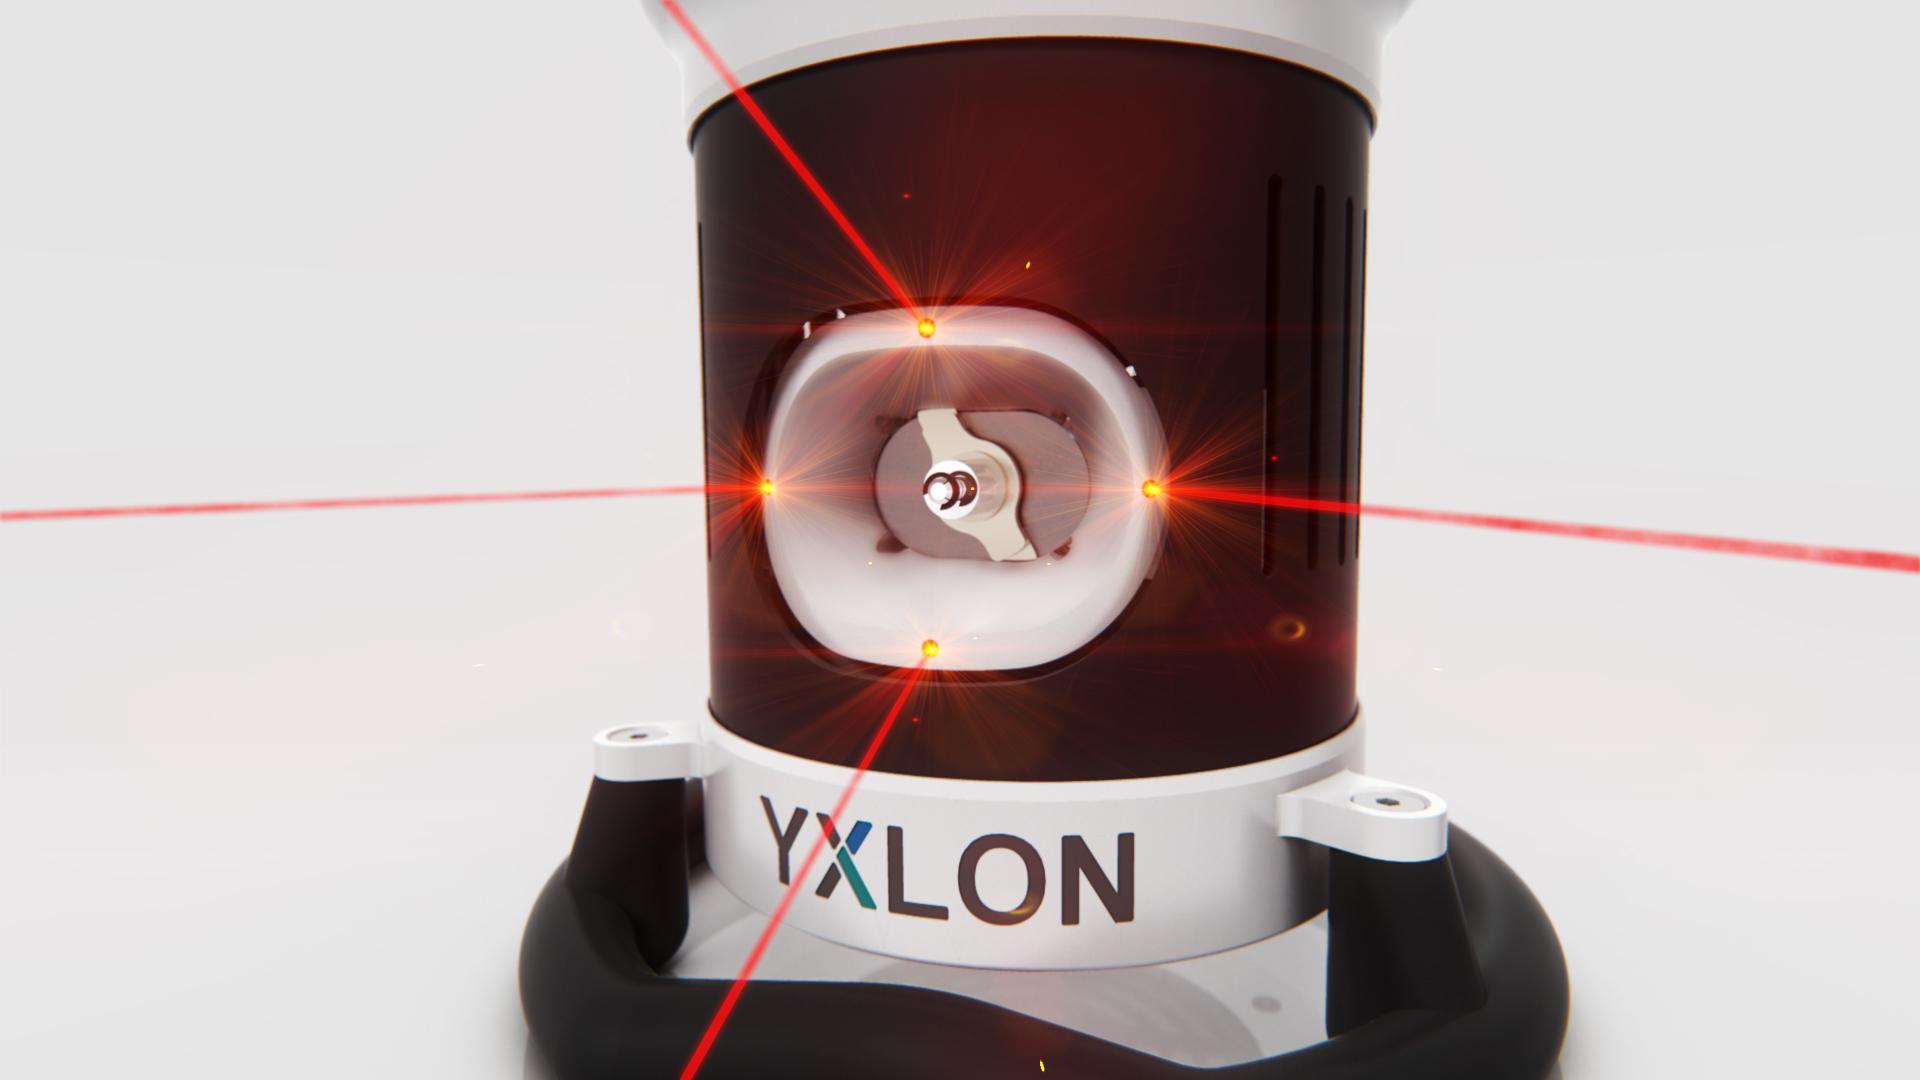 yxlon2